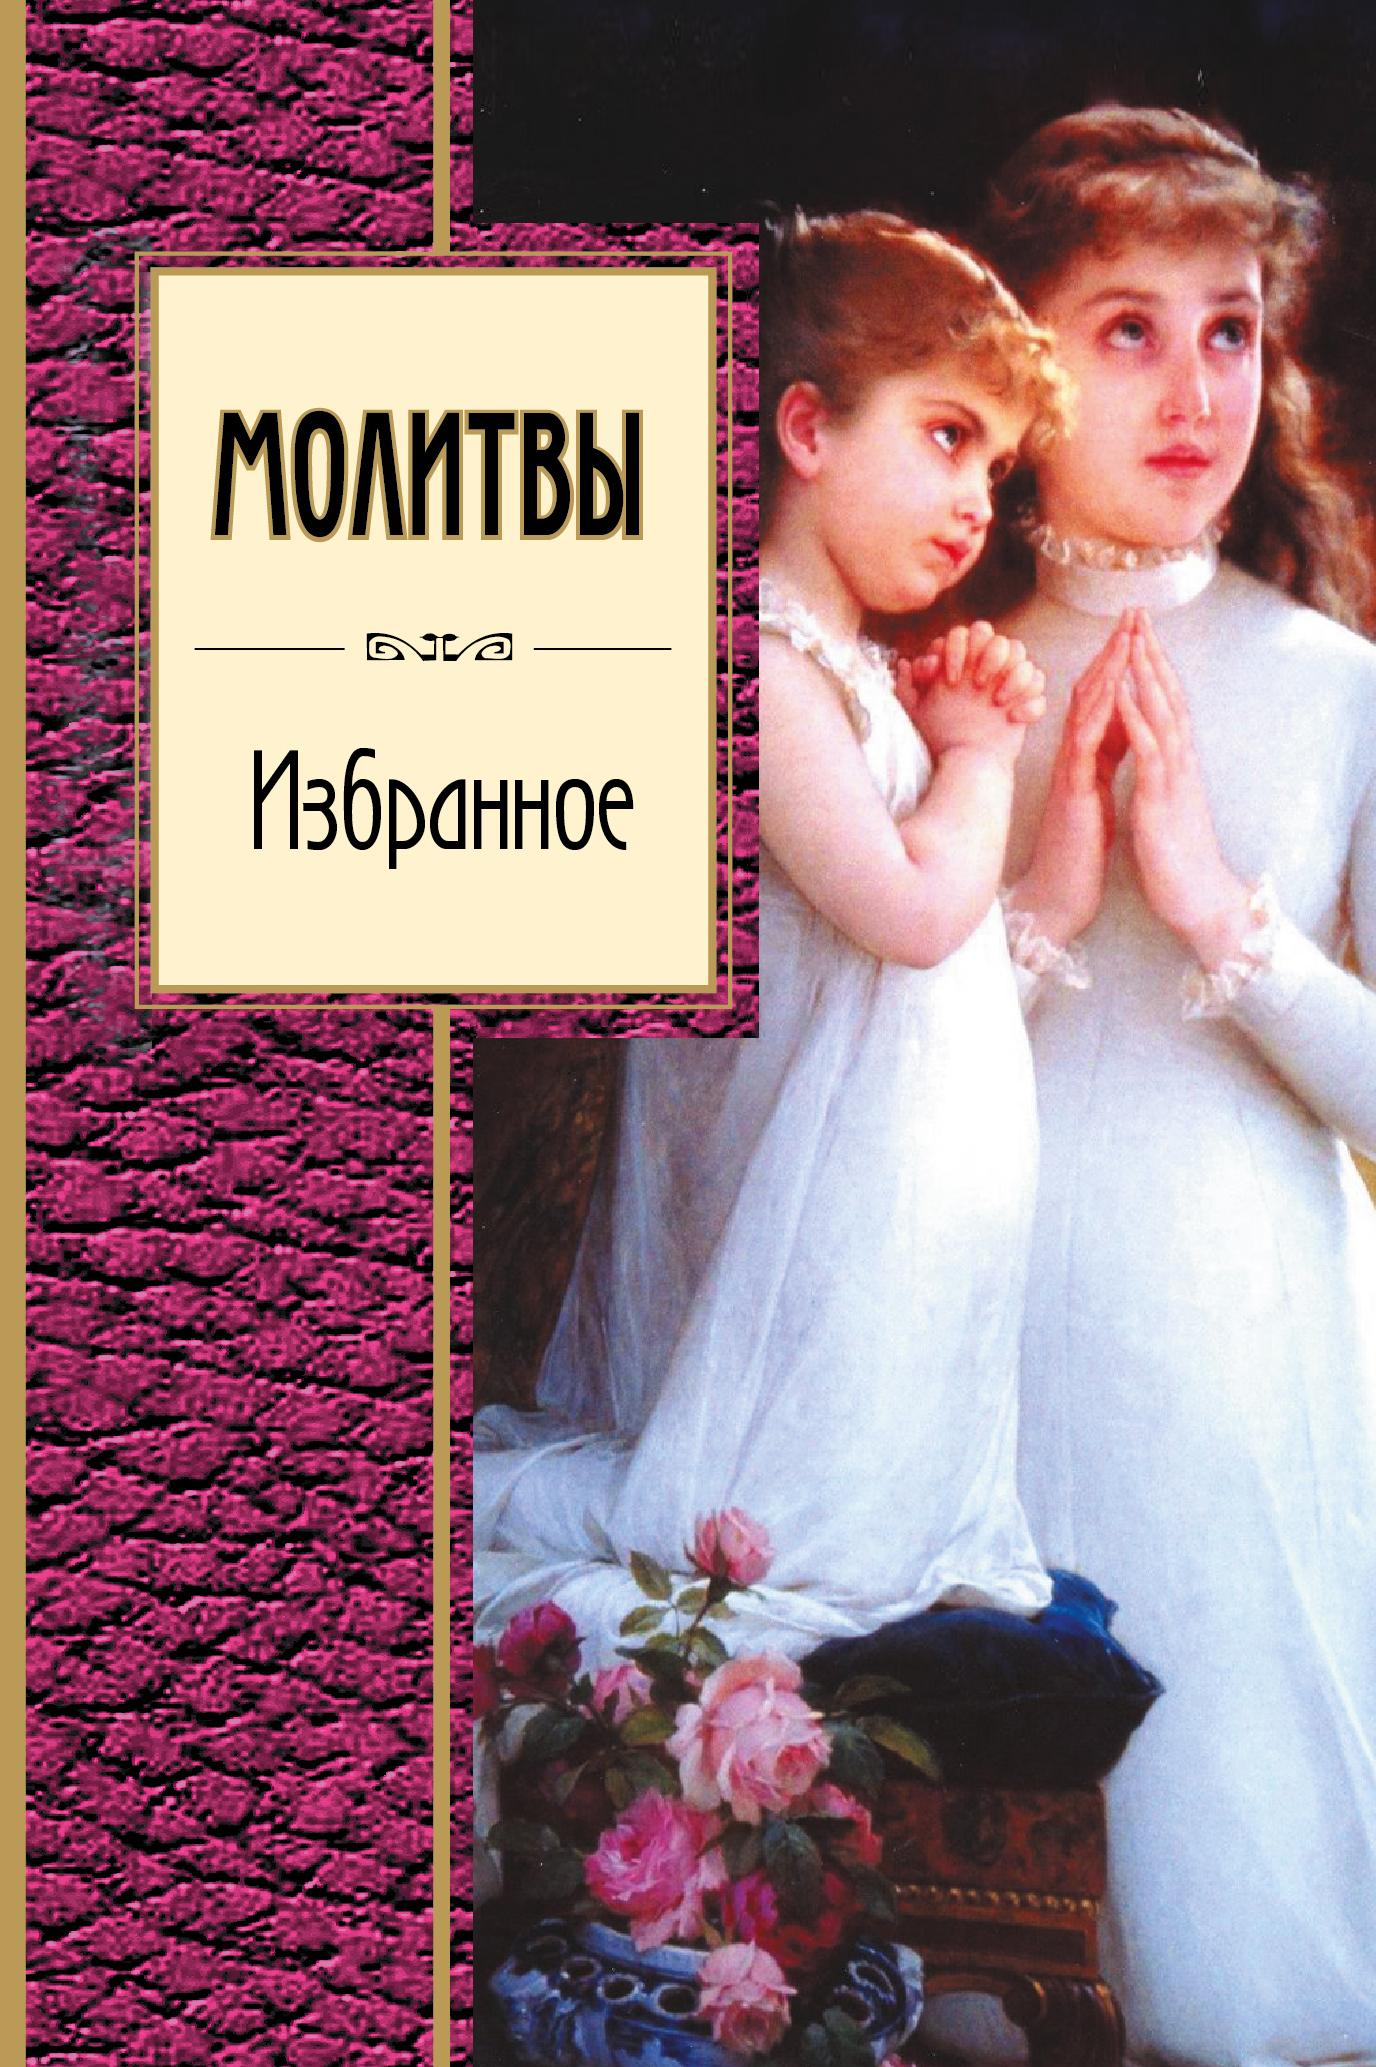 Молитвы любовные драмы русских поэтов